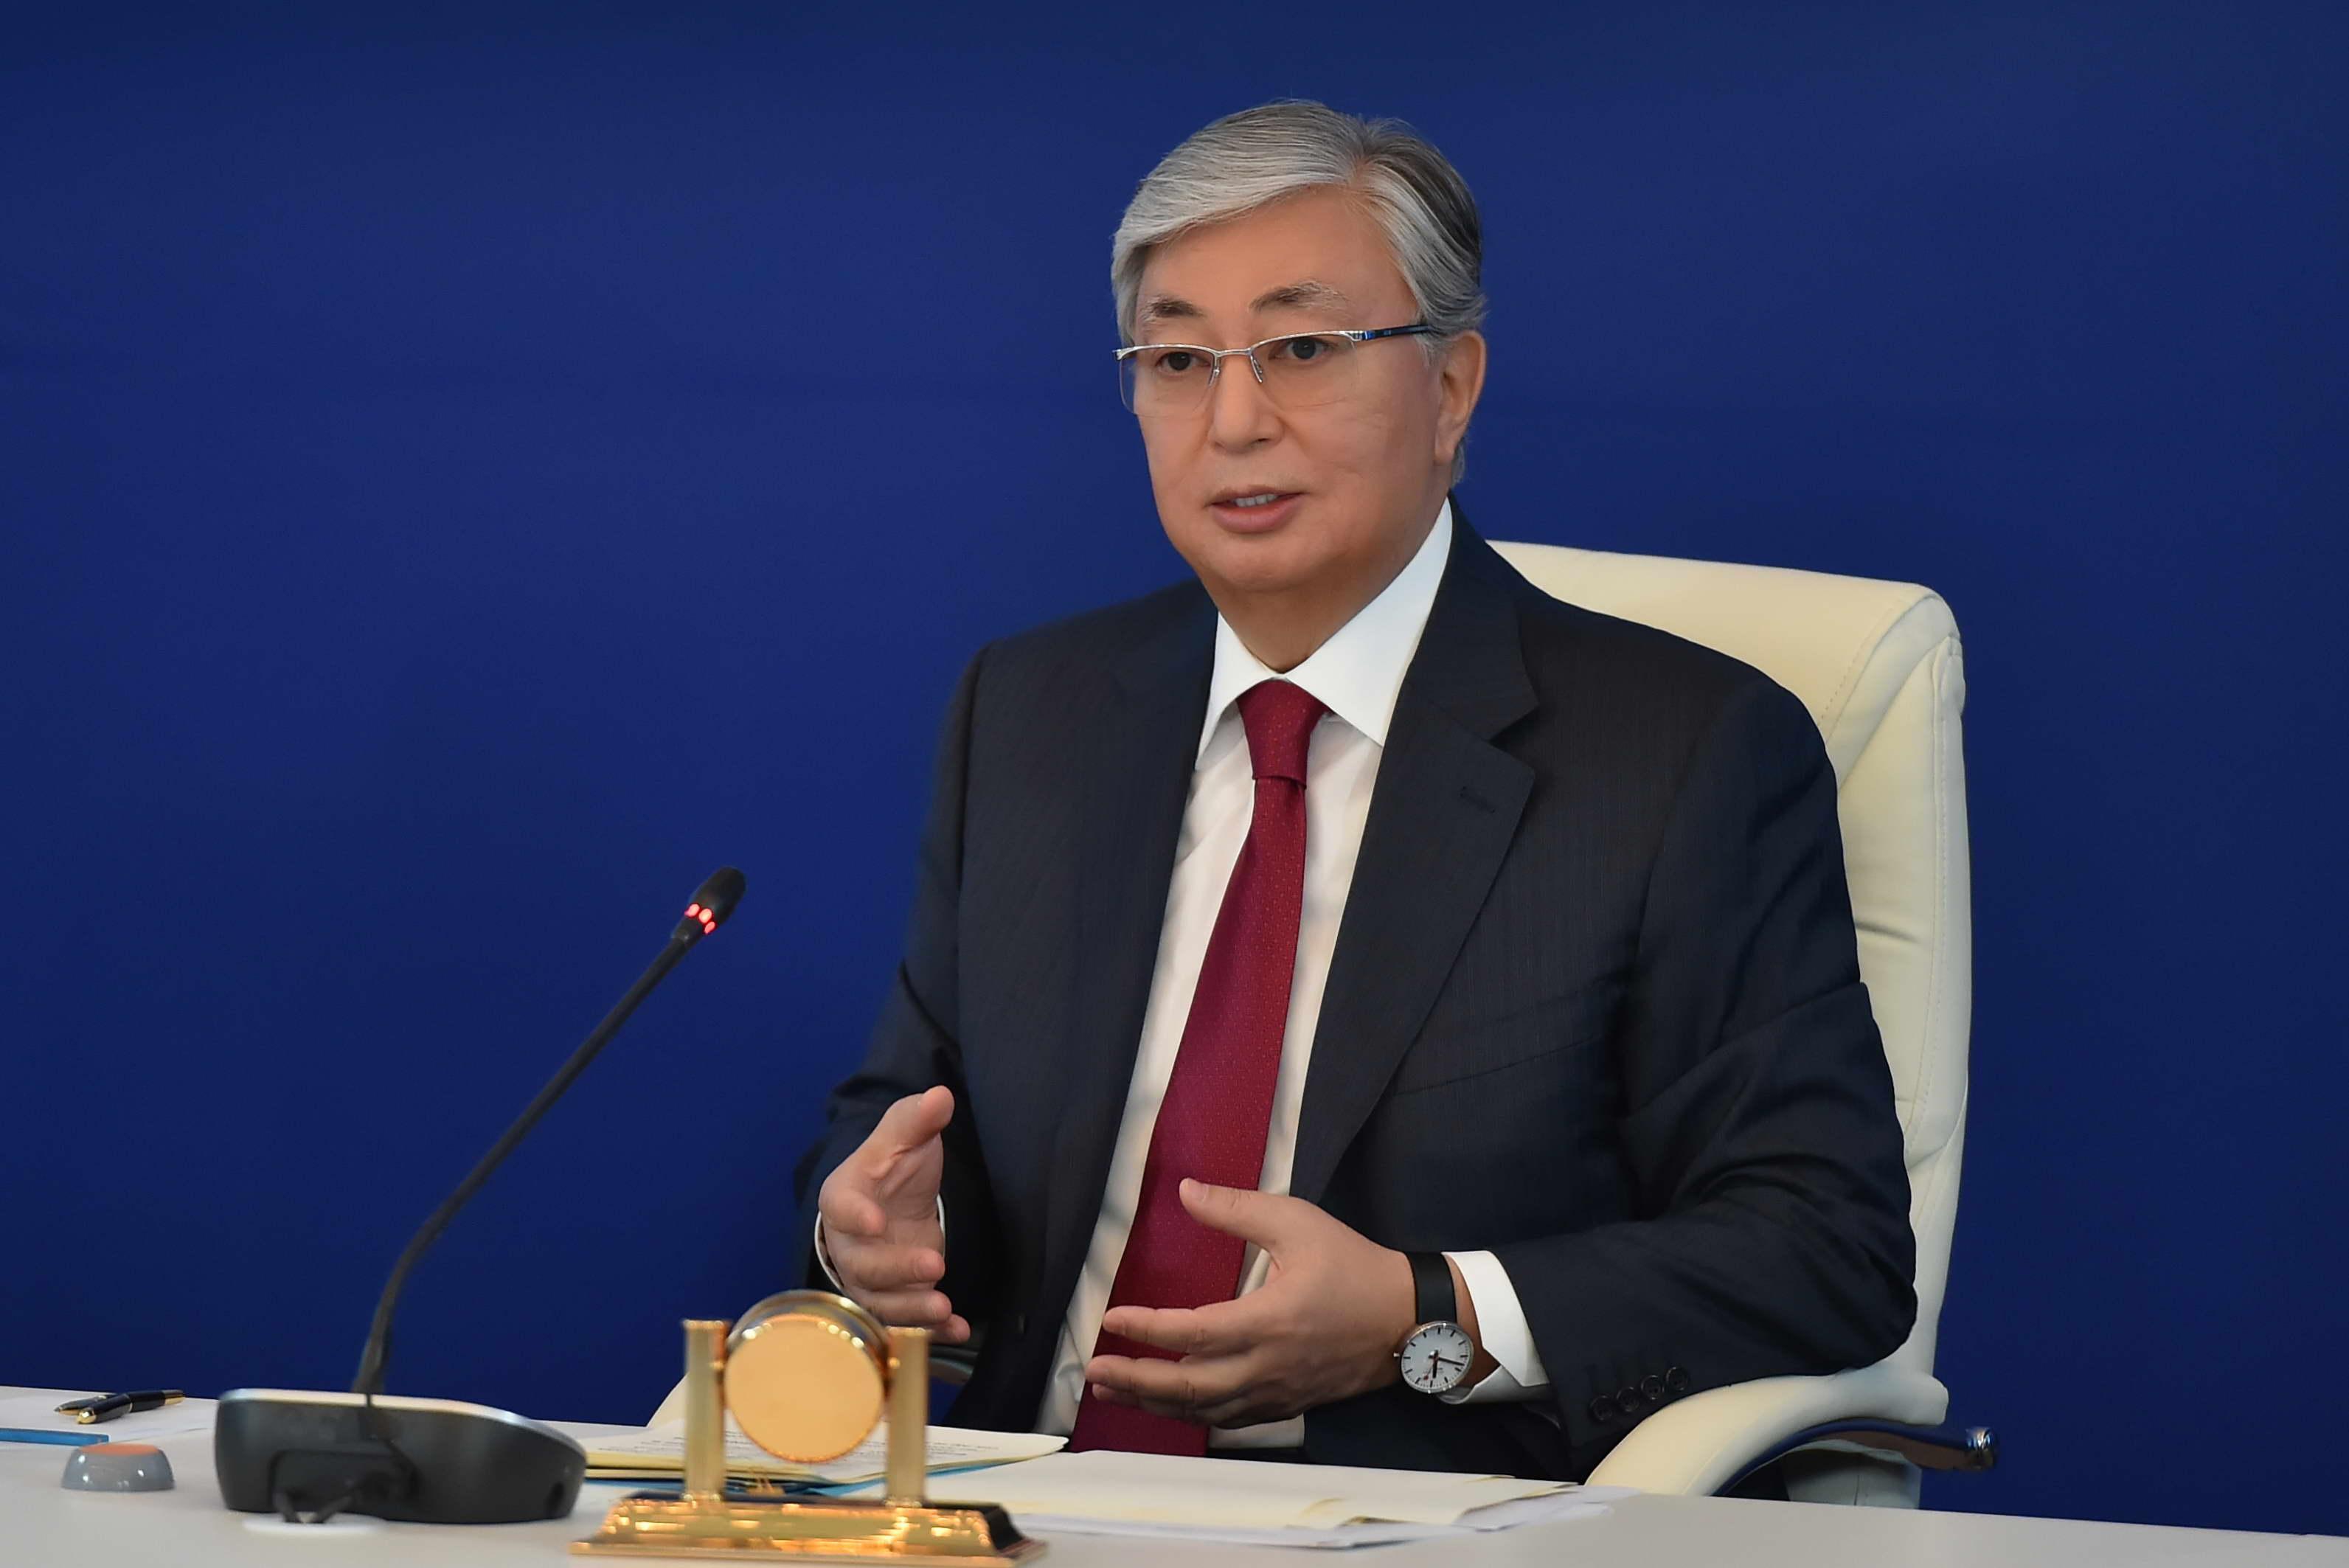 Касым-Жомарт Токаев поставил ряд конкретных задач по развитию столицы 1